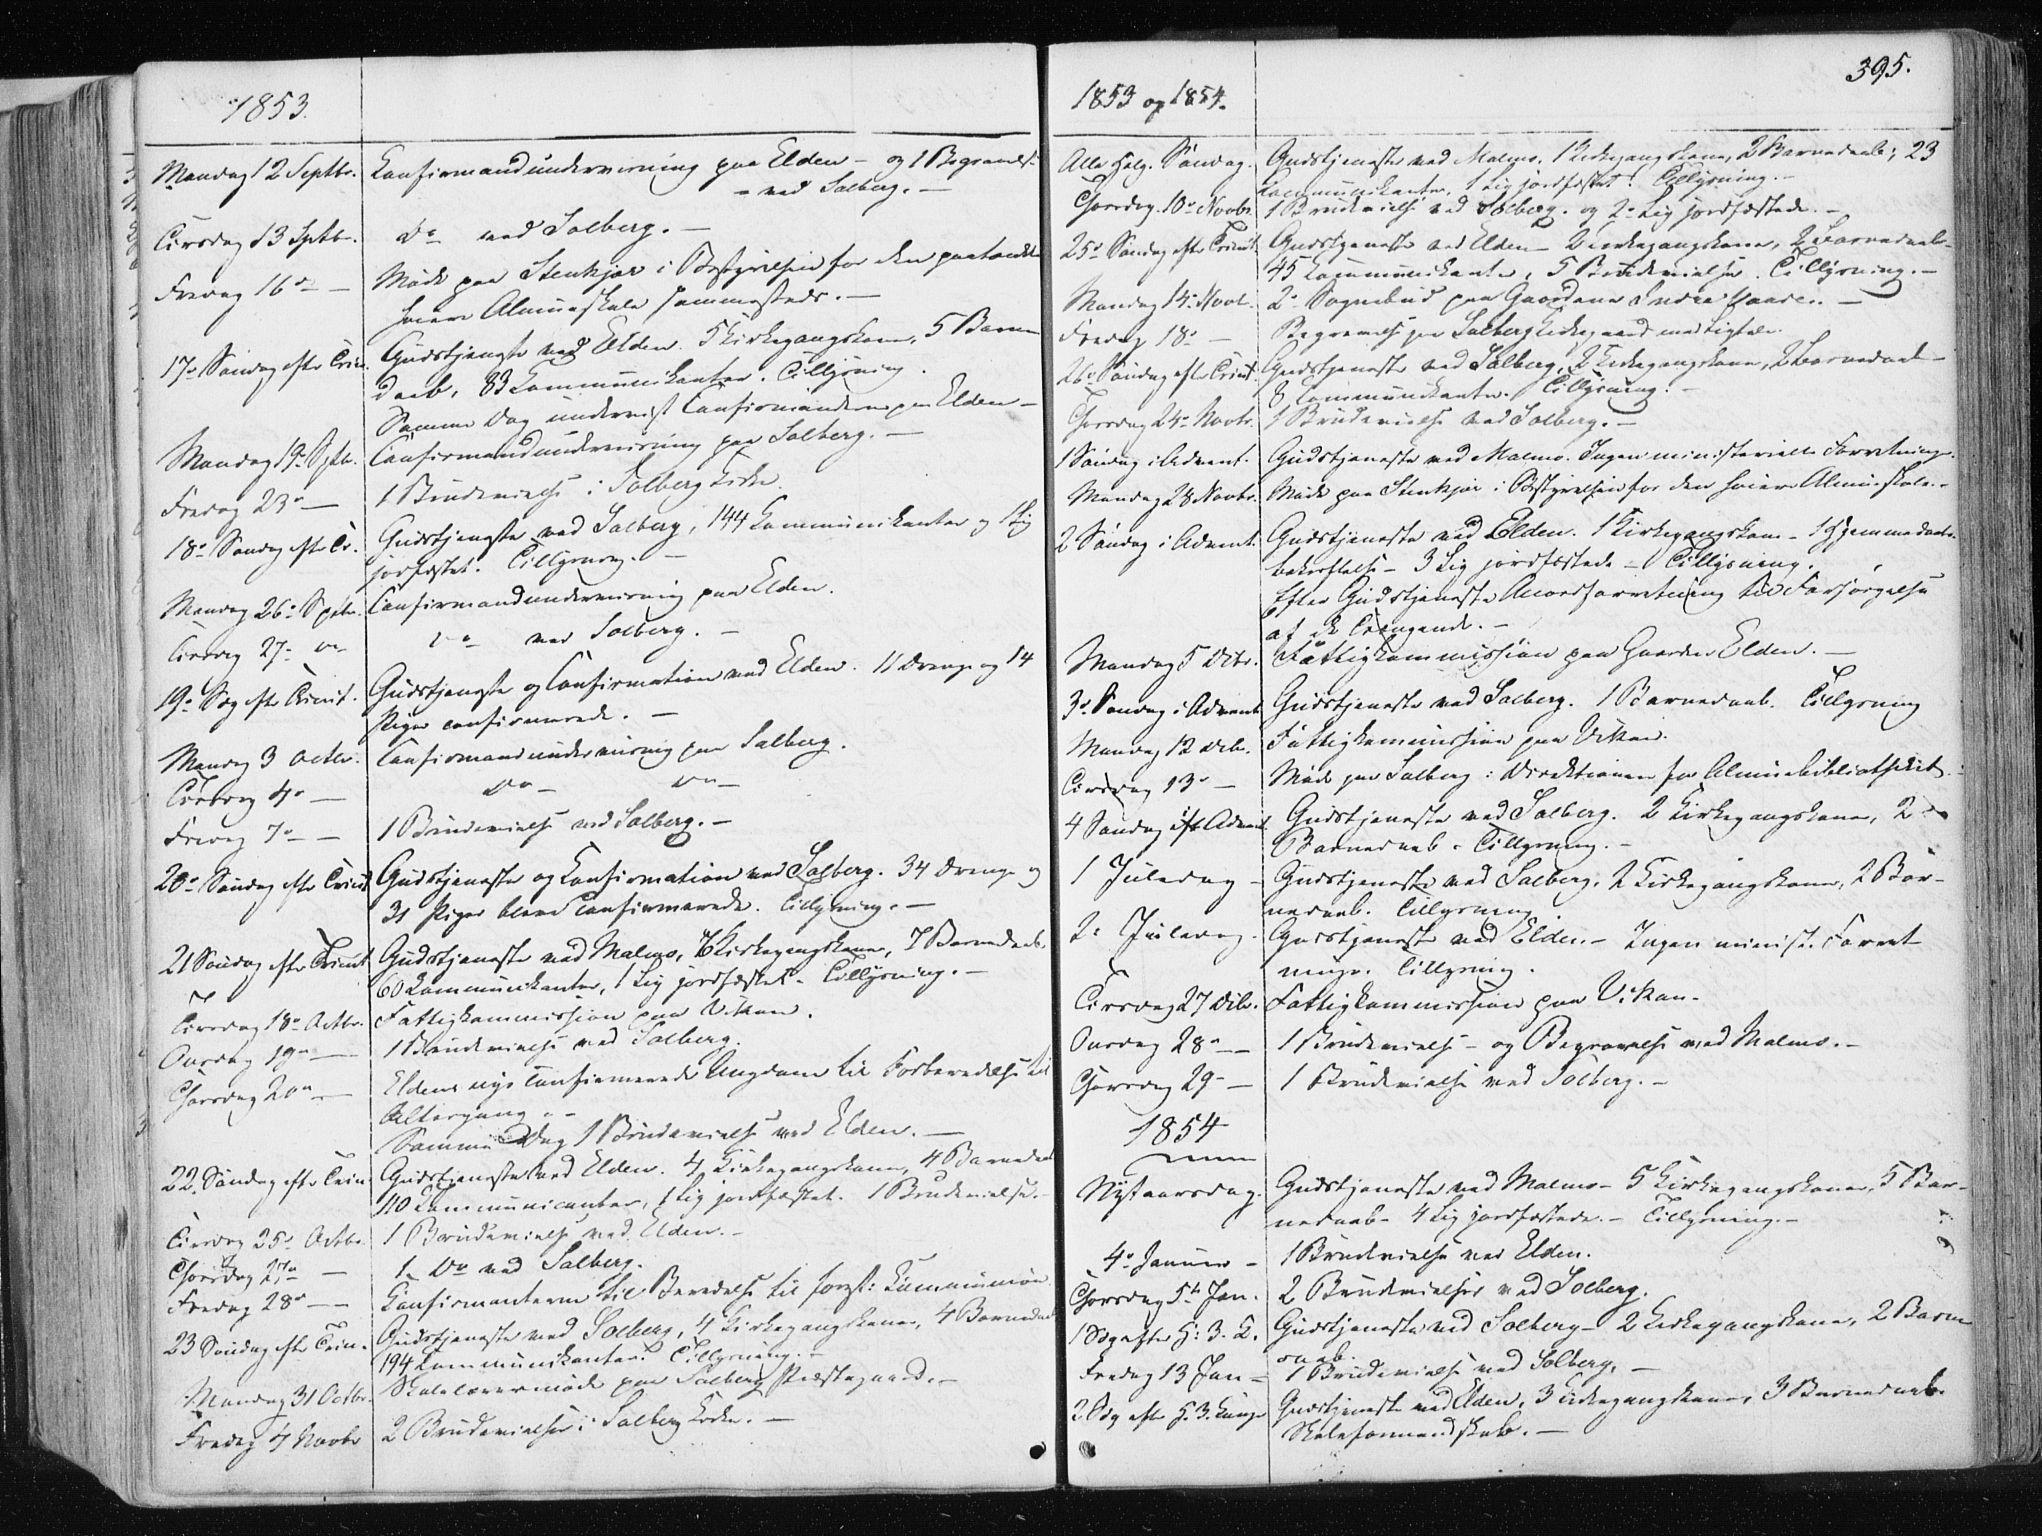 SAT, Ministerialprotokoller, klokkerbøker og fødselsregistre - Nord-Trøndelag, 741/L0393: Ministerialbok nr. 741A07, 1849-1863, s. 395